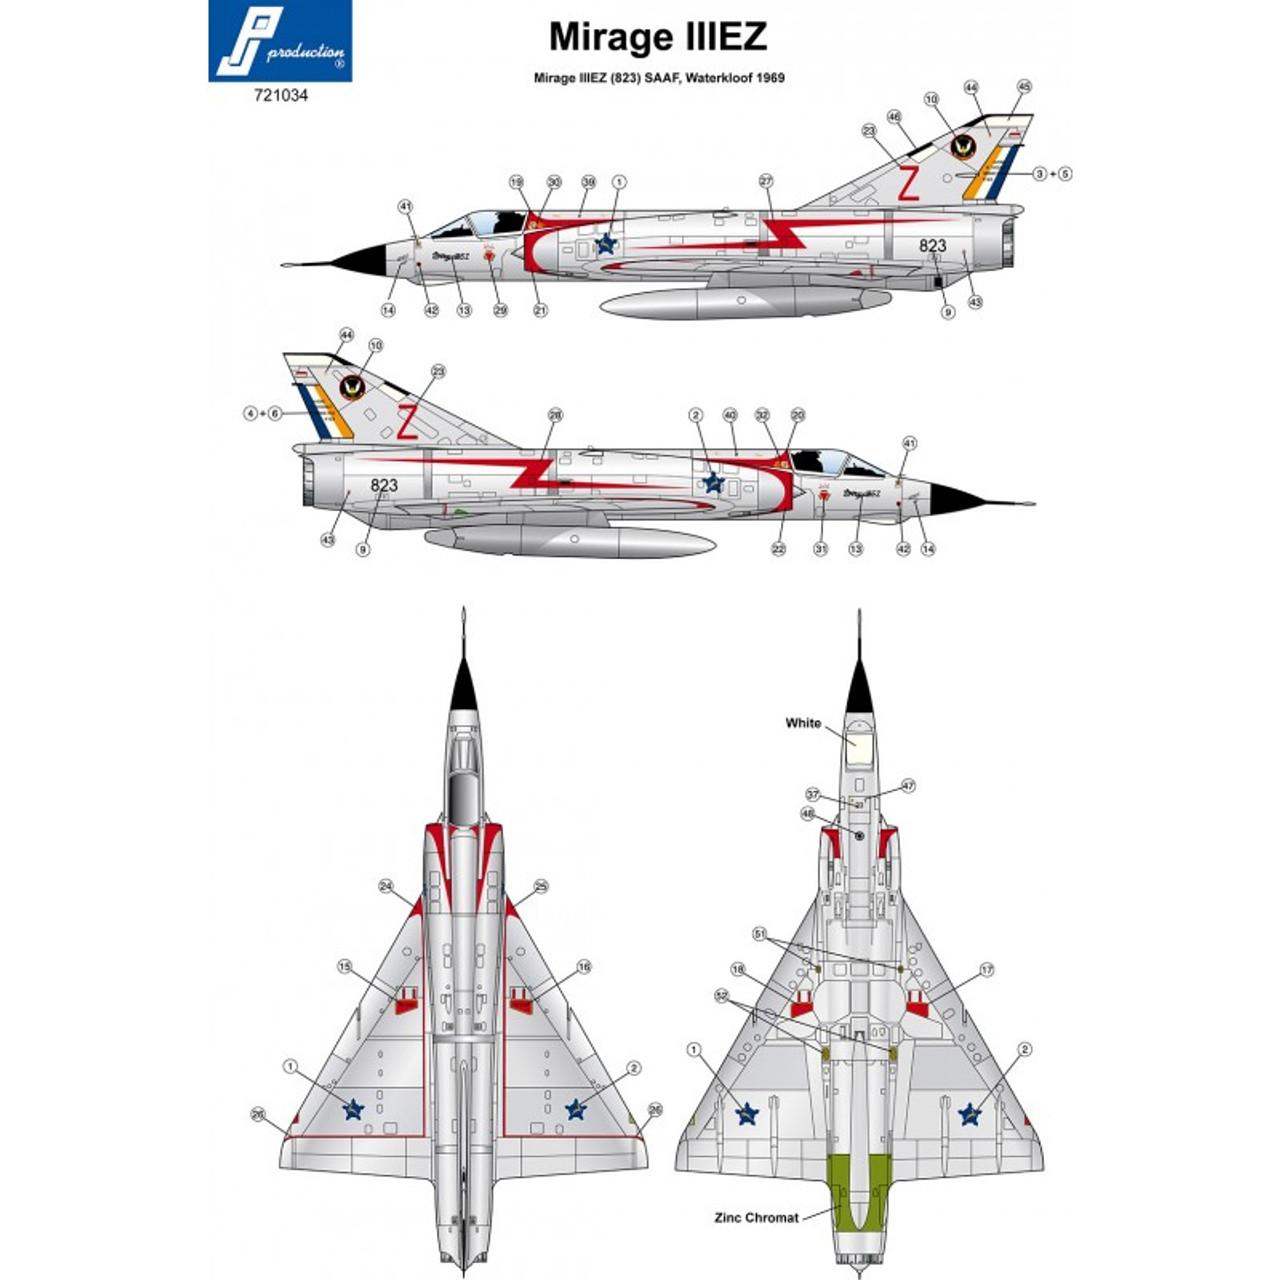 PJ Productions Dassault Mirage IIIEZ Kit 1:72